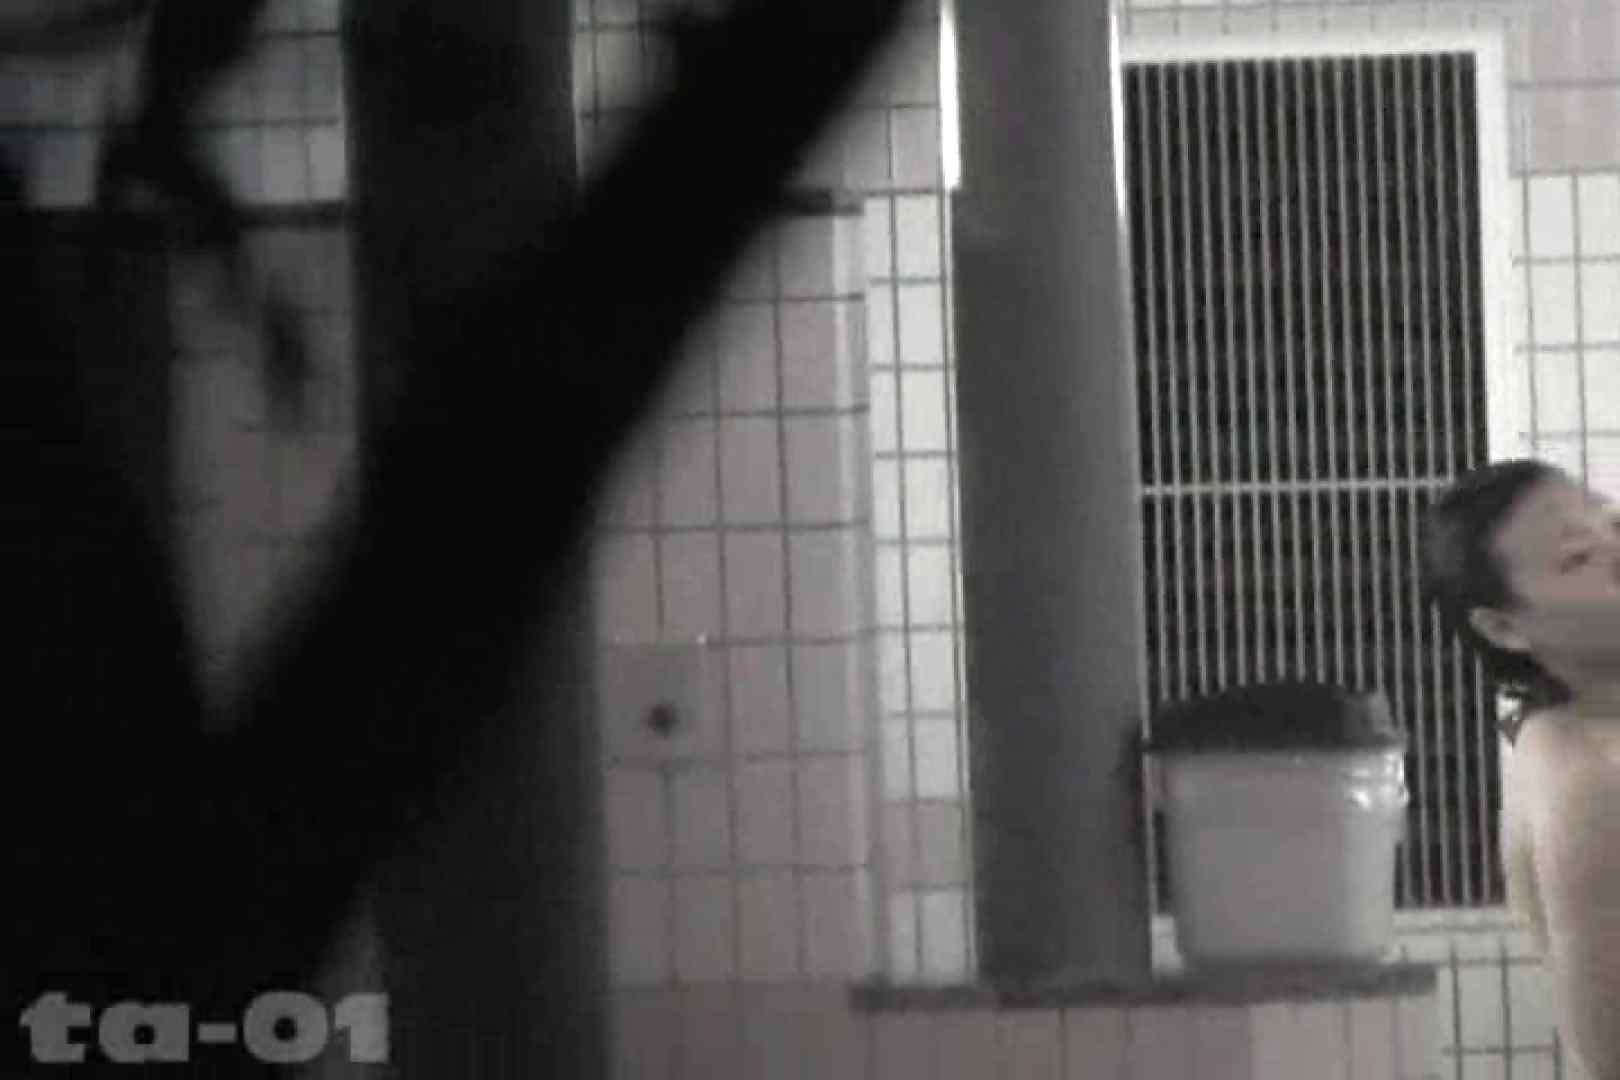 合宿ホテル女風呂盗撮高画質版 Vol.01 女風呂 セックス画像 98pic 40